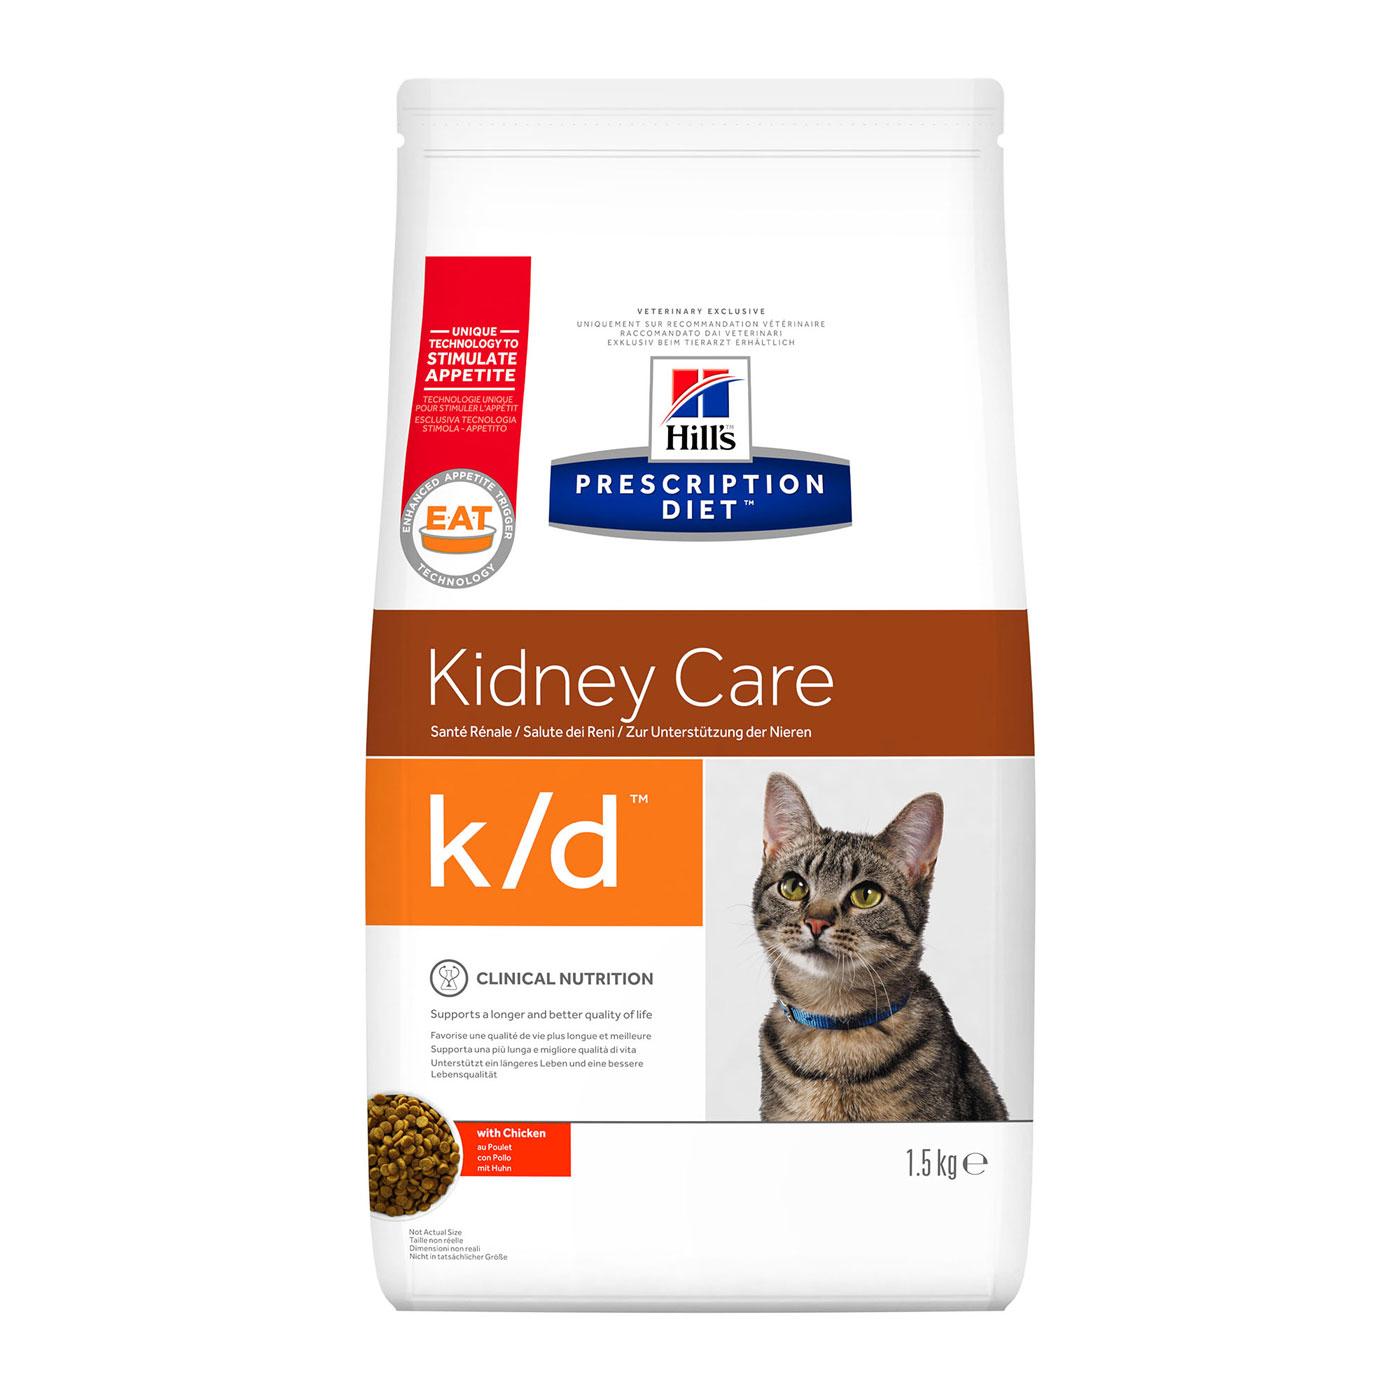 HILL'S PRESCRIPTION DIET K/D KIDNEY CARE – лікувальний сухий корм для котів при захворюваннях нирок